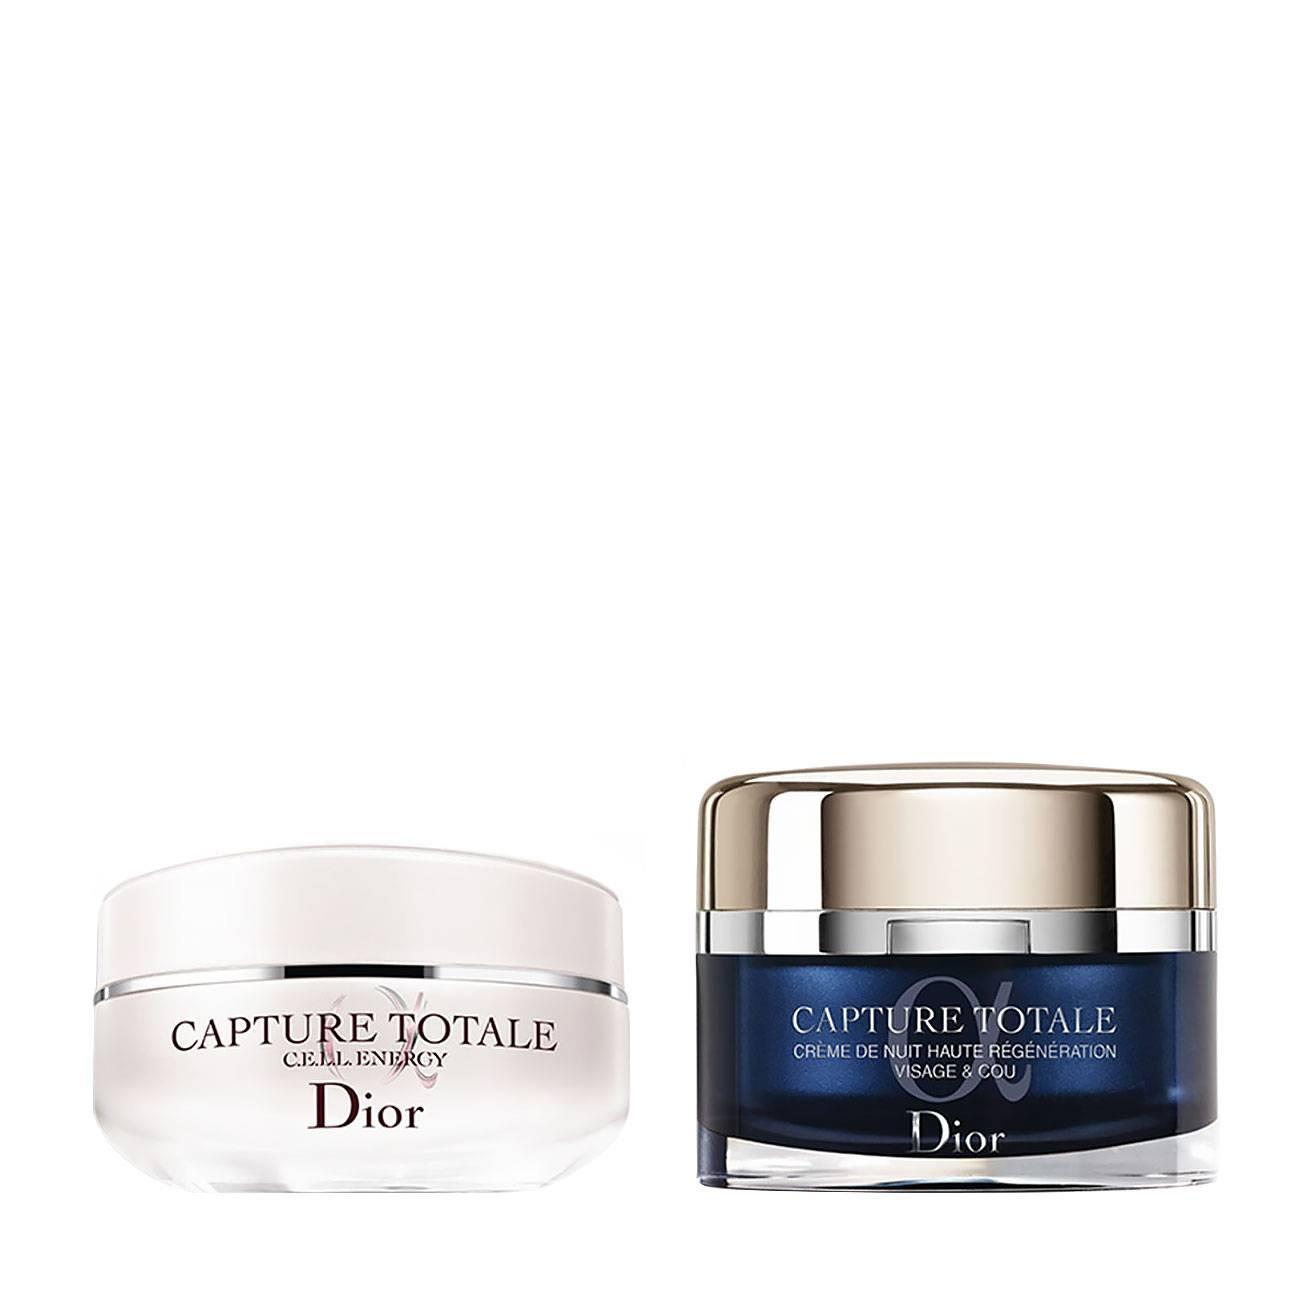 Capture Totale Day & Night Set 110ml Dior imagine 2021 bestvalue.eu